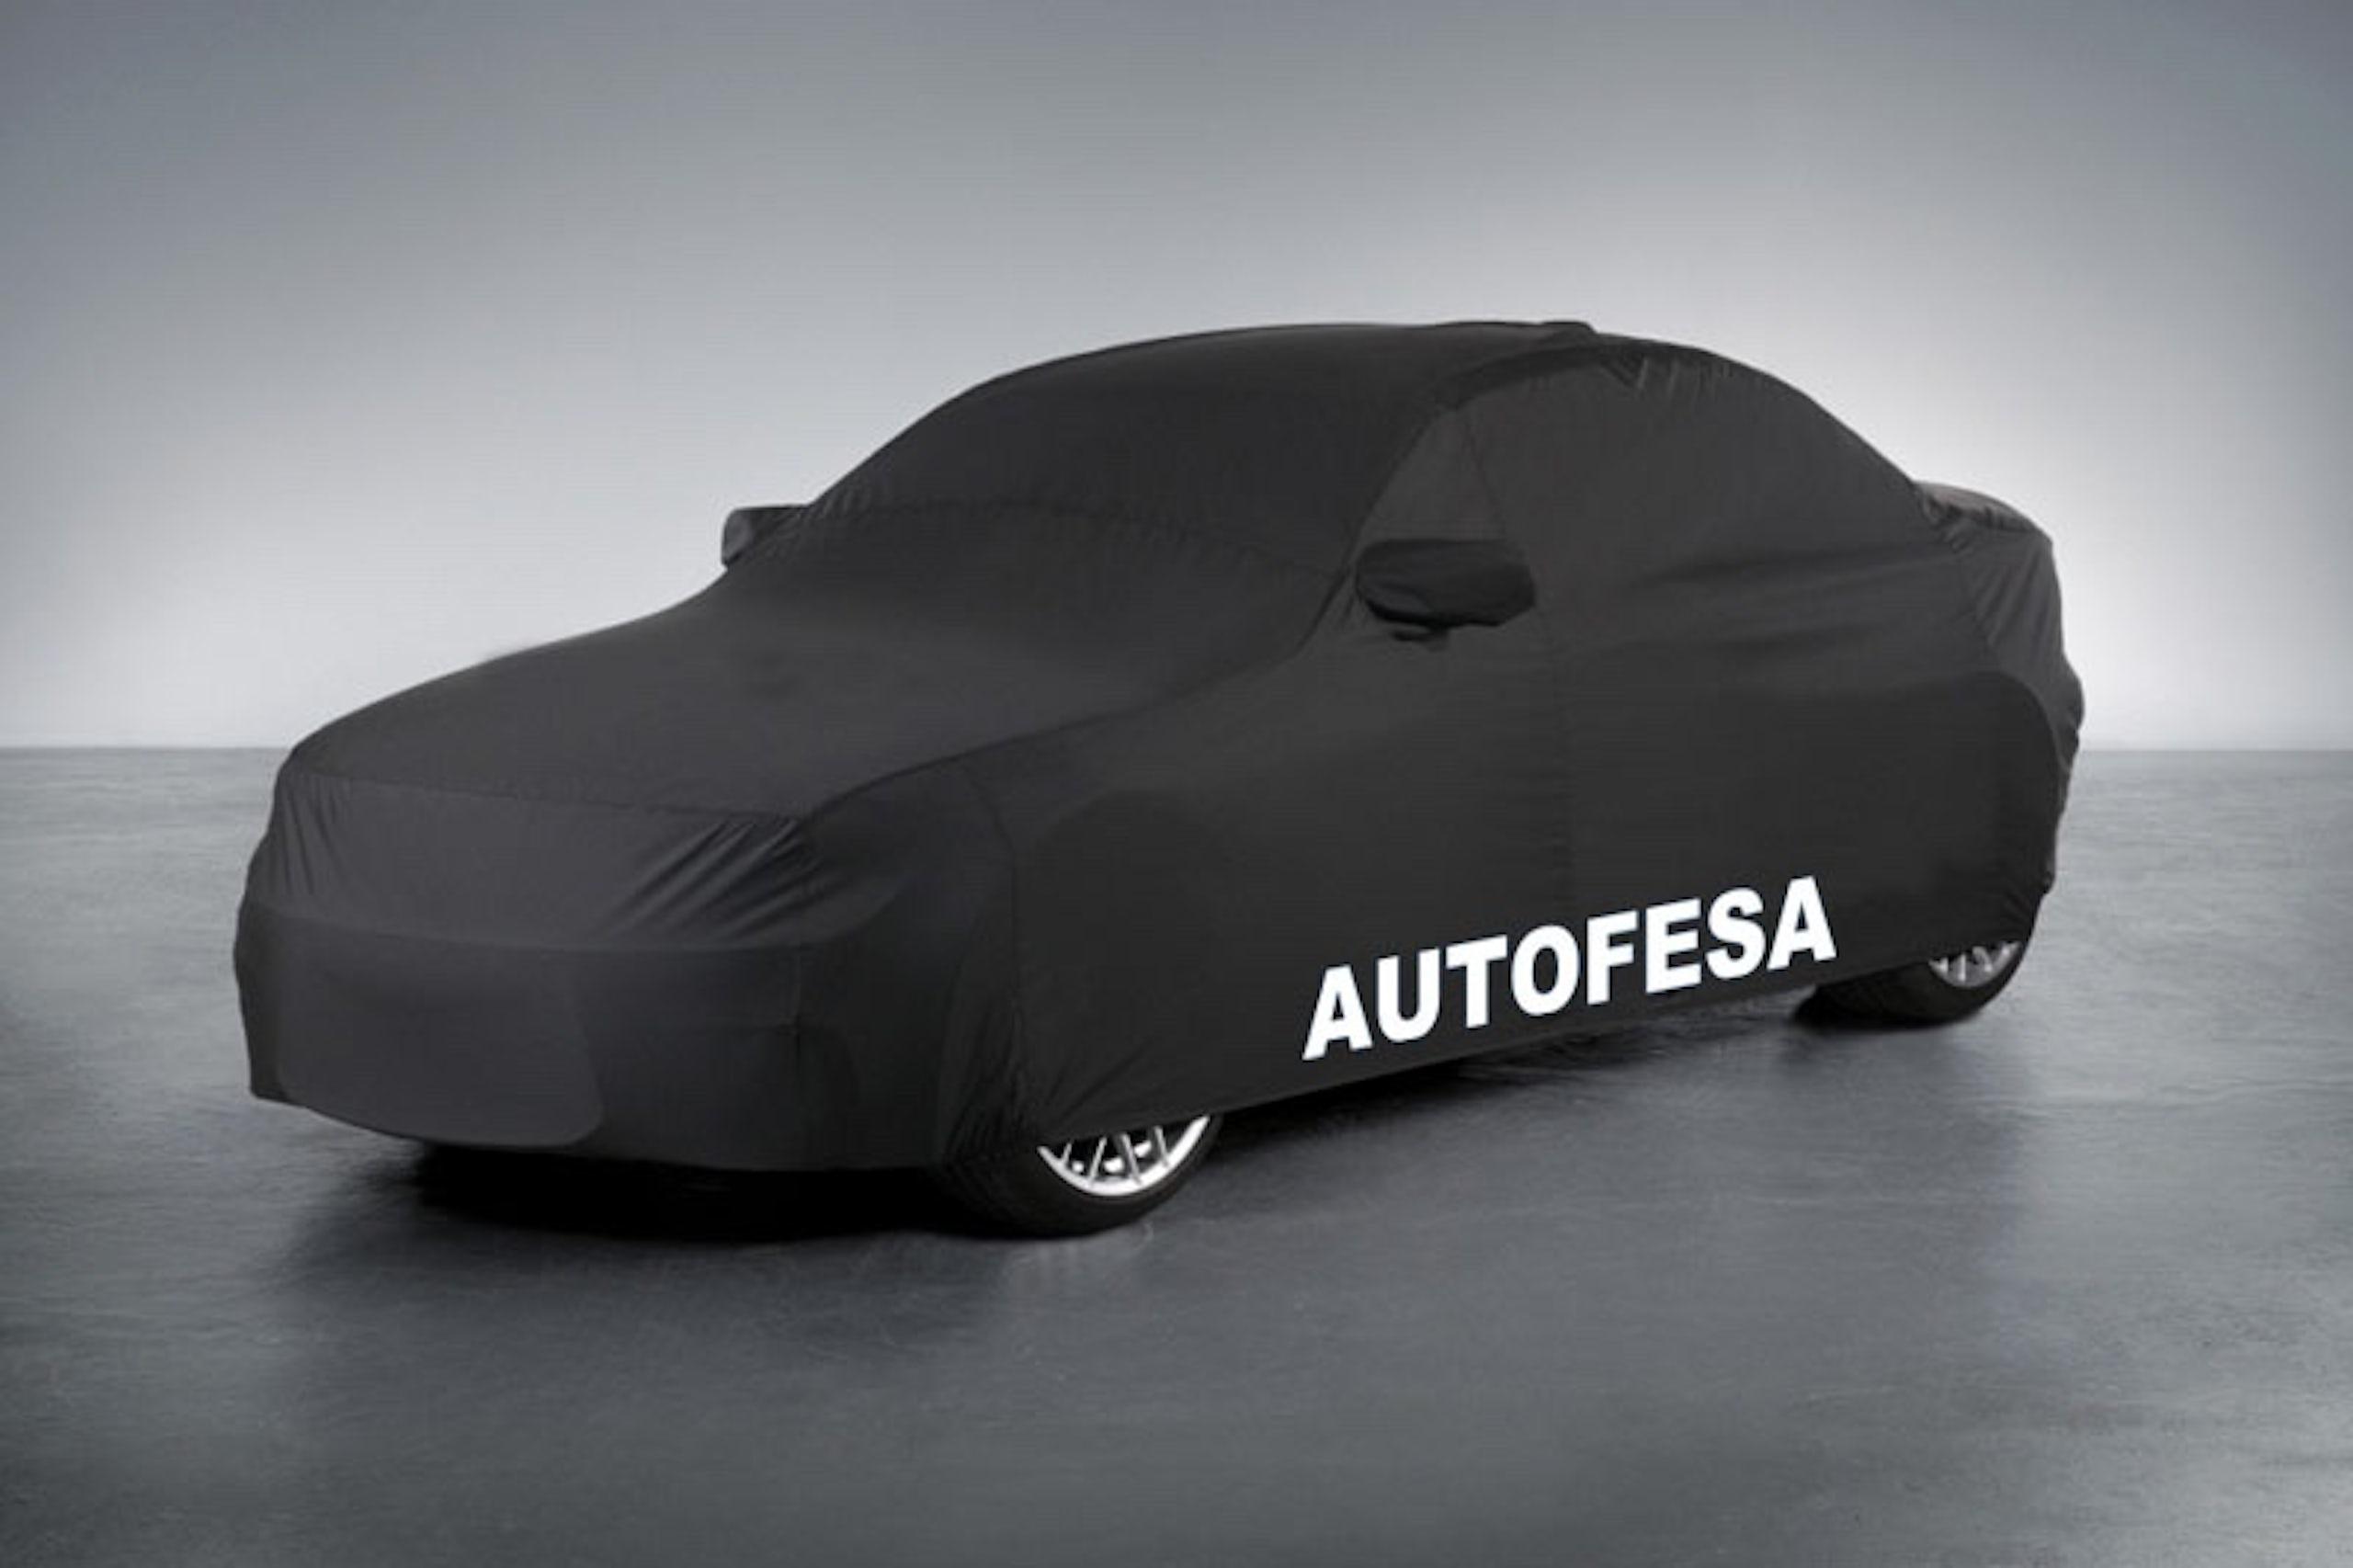 Mercedes-benz GLA 250 2.0 DCT 211cv AMG 4MATIC 7G Auto - Foto 26